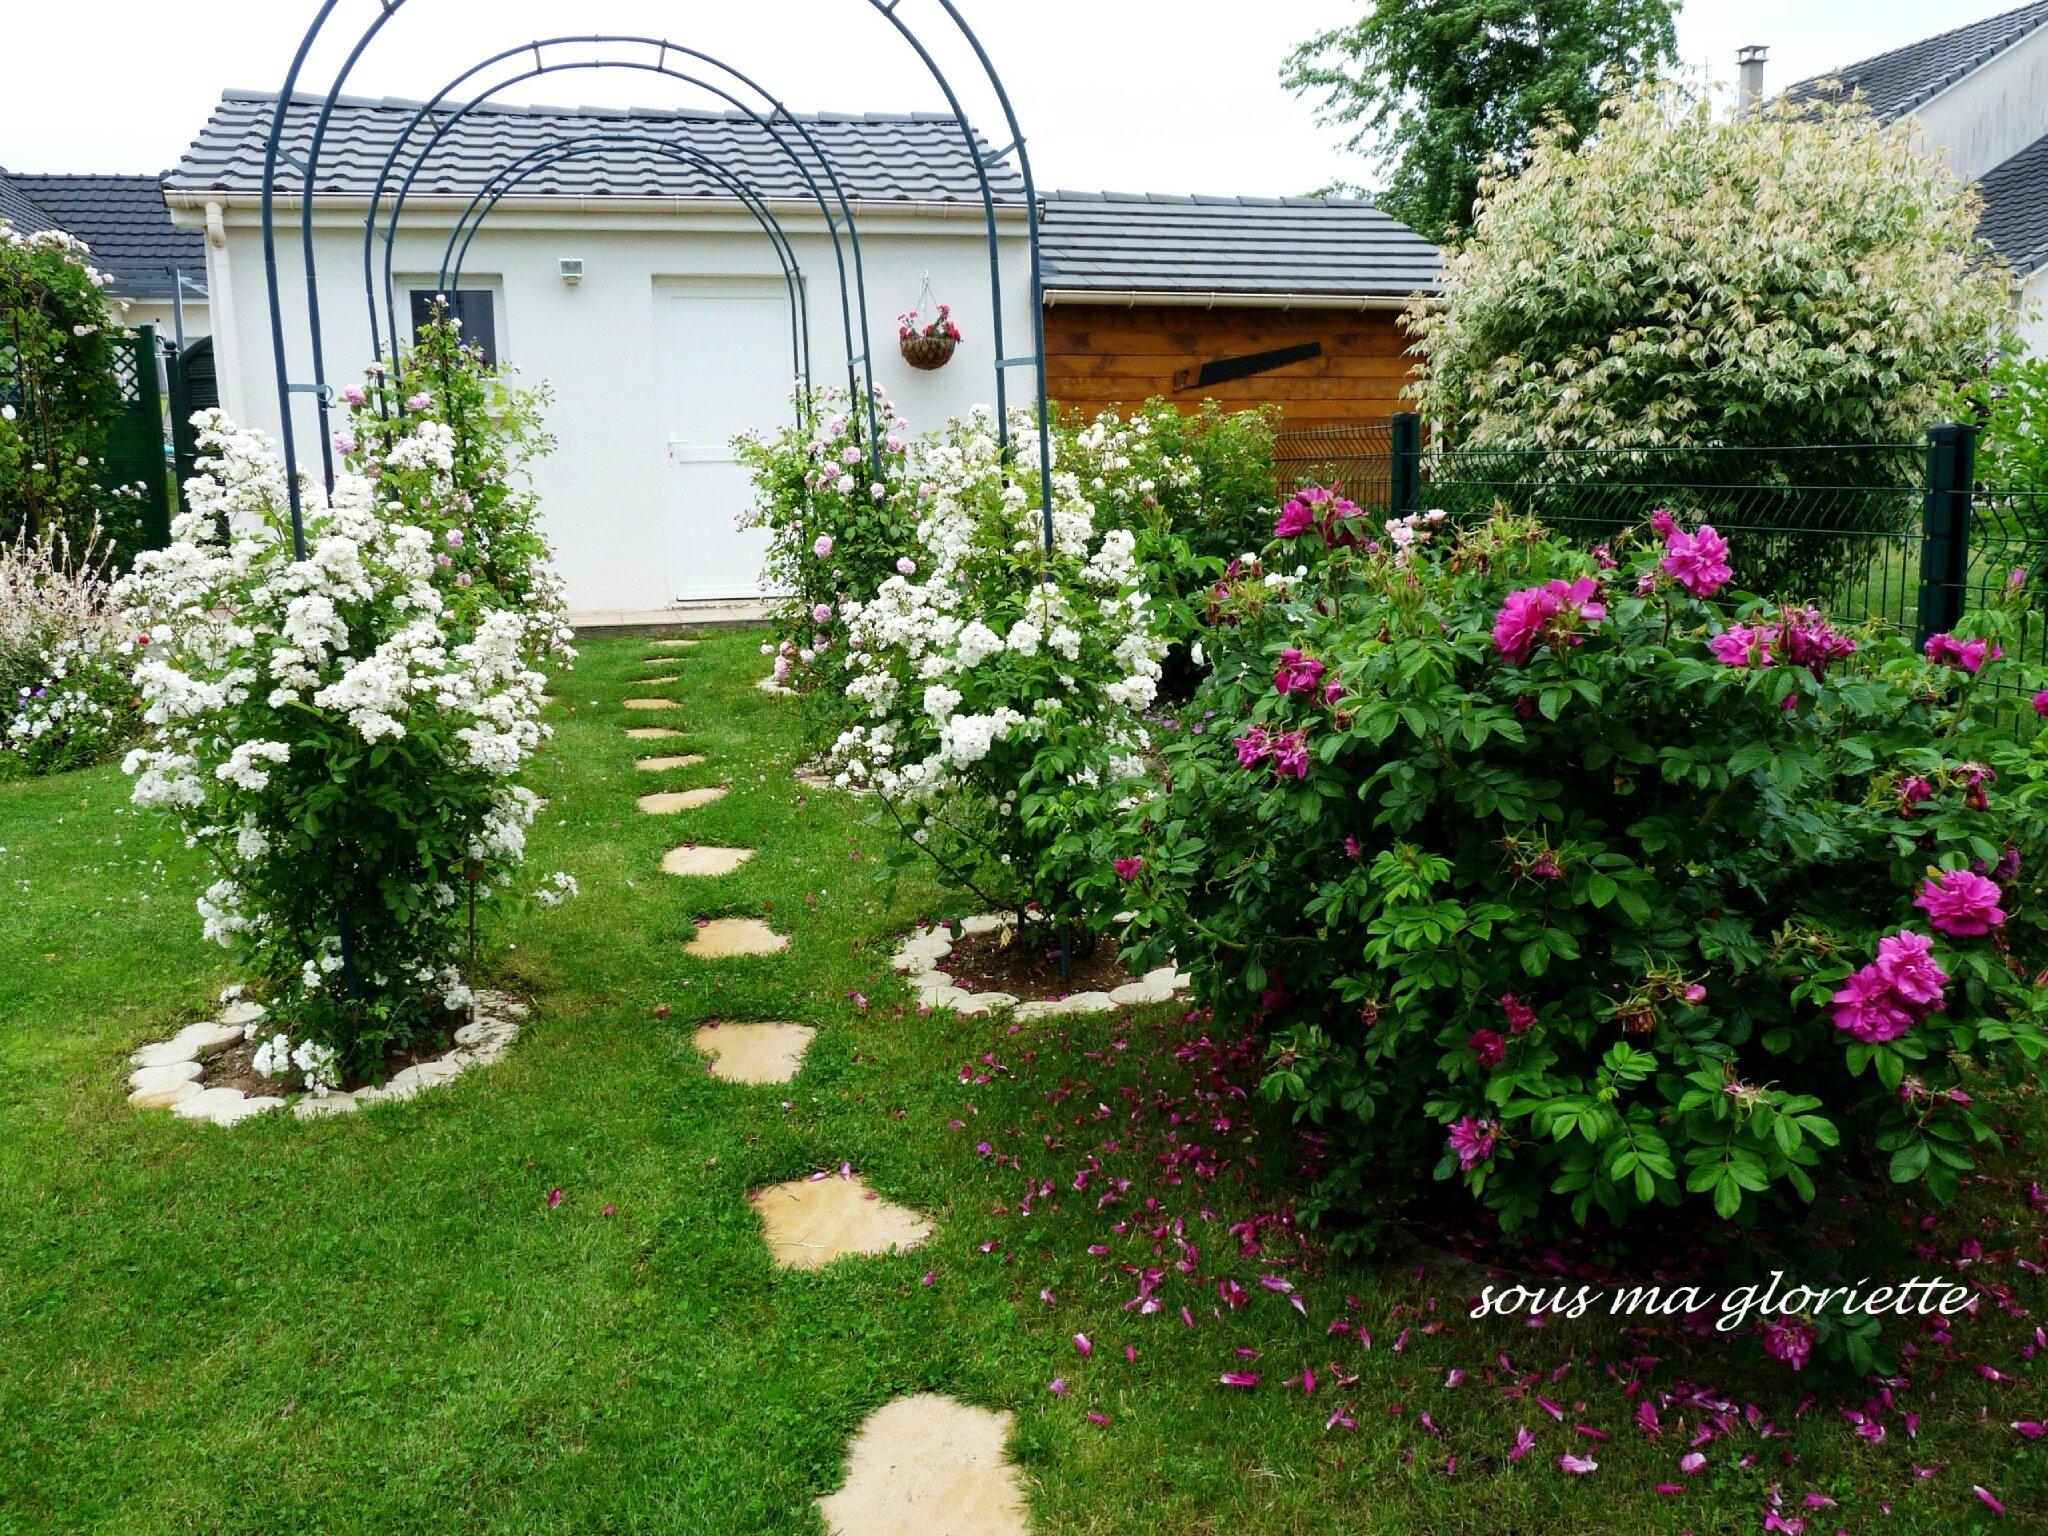 Les roses de mon jardin sous ma gloriette for Cendre de bois au jardin